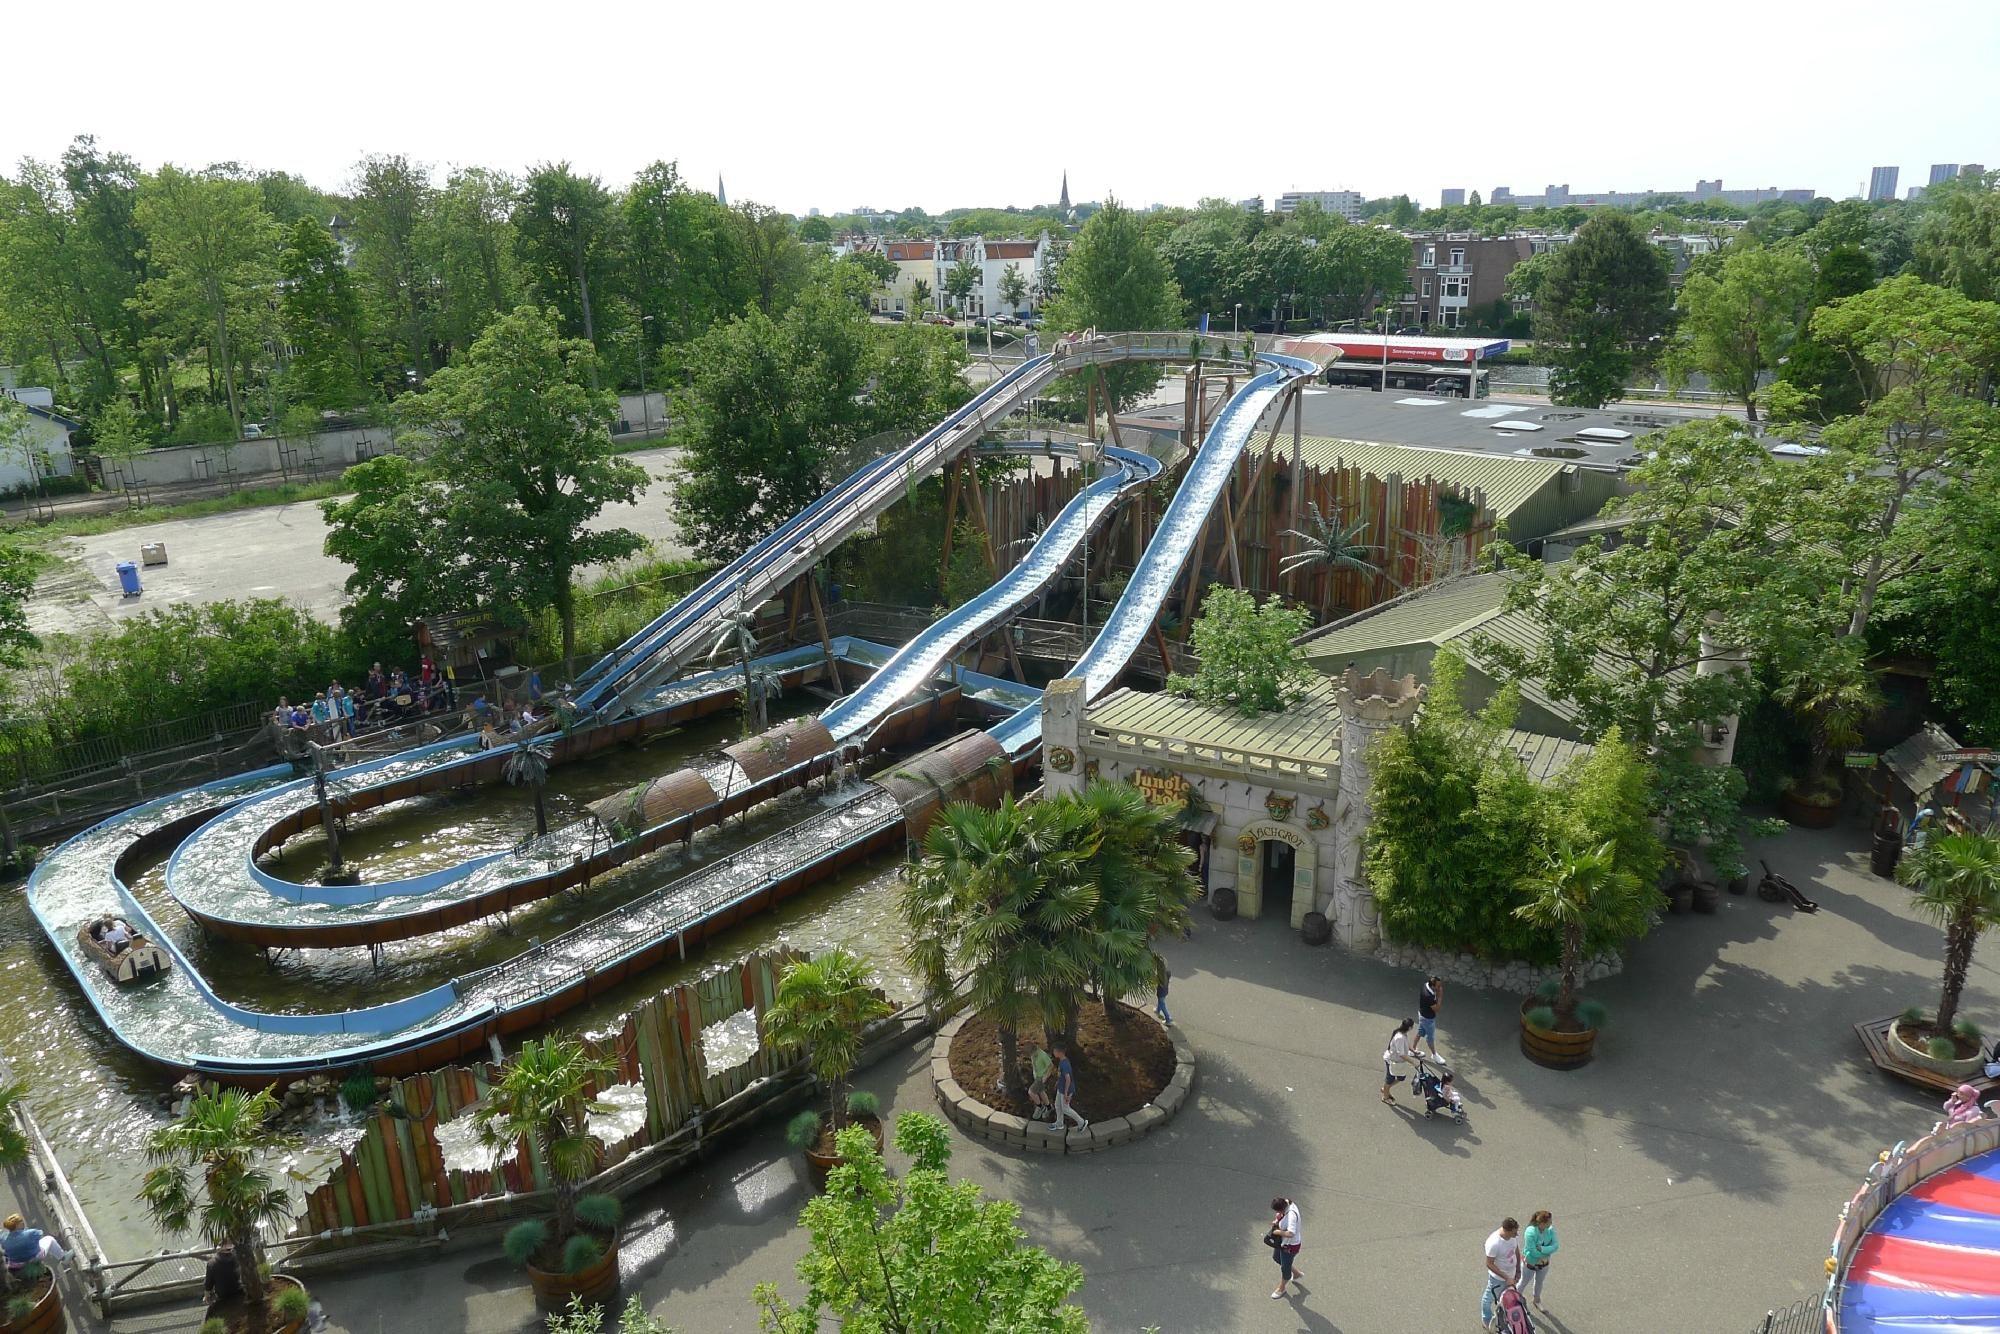 Drievliet amusement park the hague south holland for Amusement park netherlands